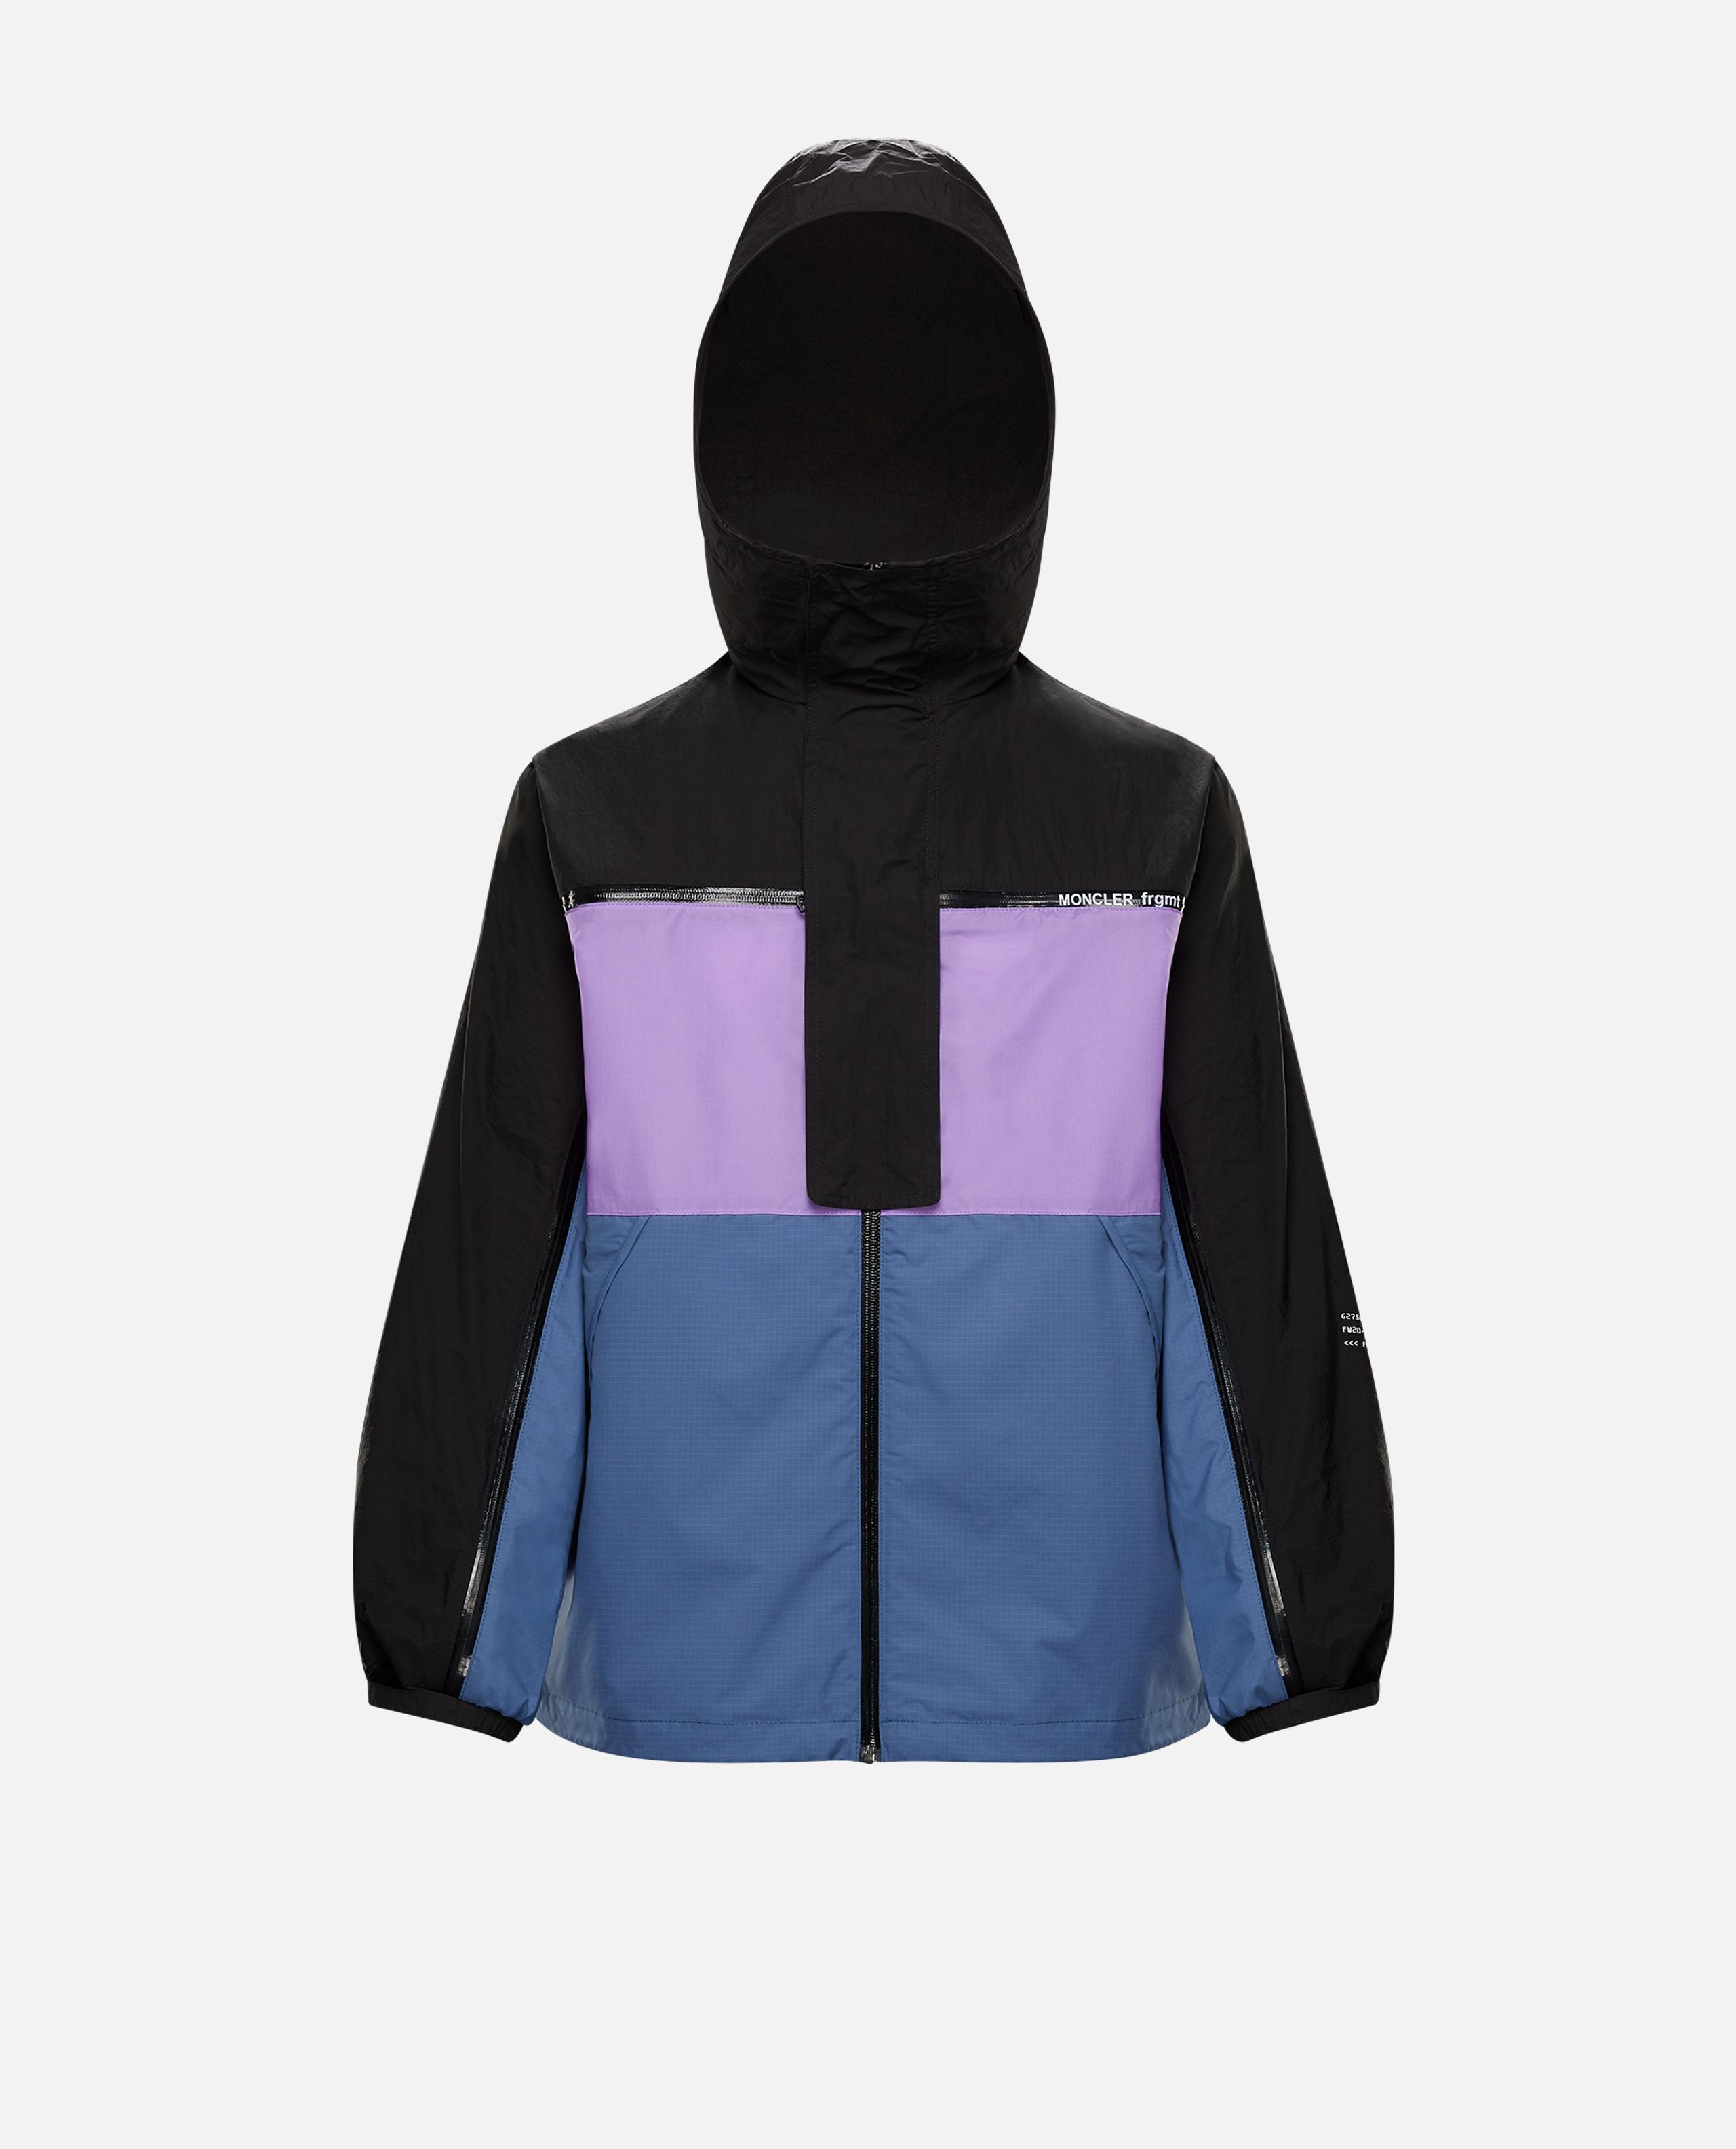 n ° 7 Moncler Fragment Hiroshi Fujiwara jacket